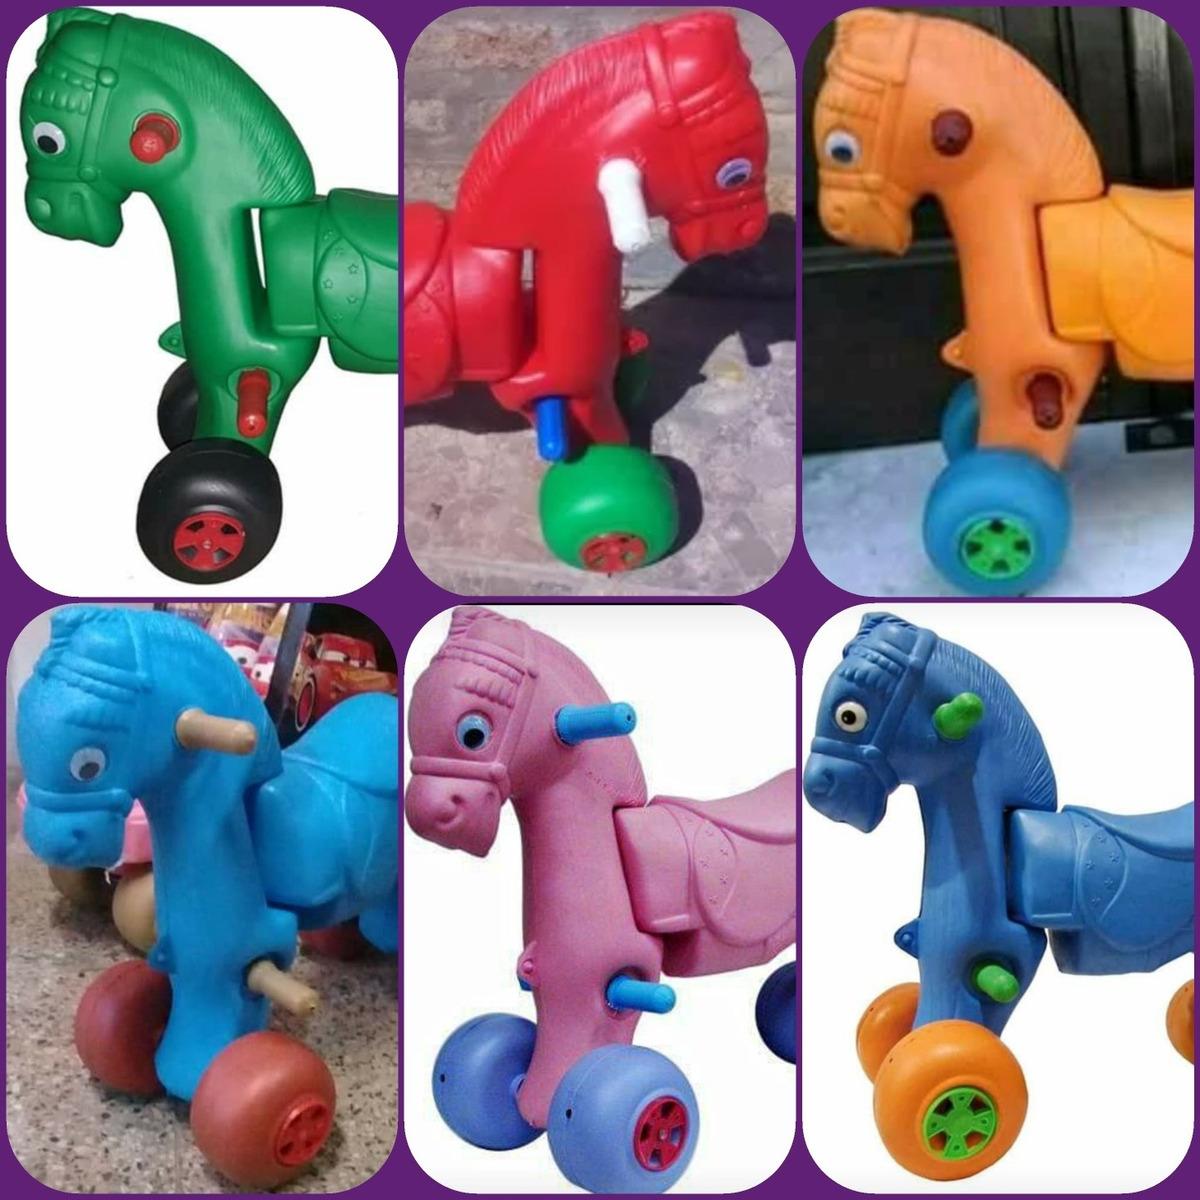 Juguete Caballito Plastico Pata Niños Andador Andarin BCderxo